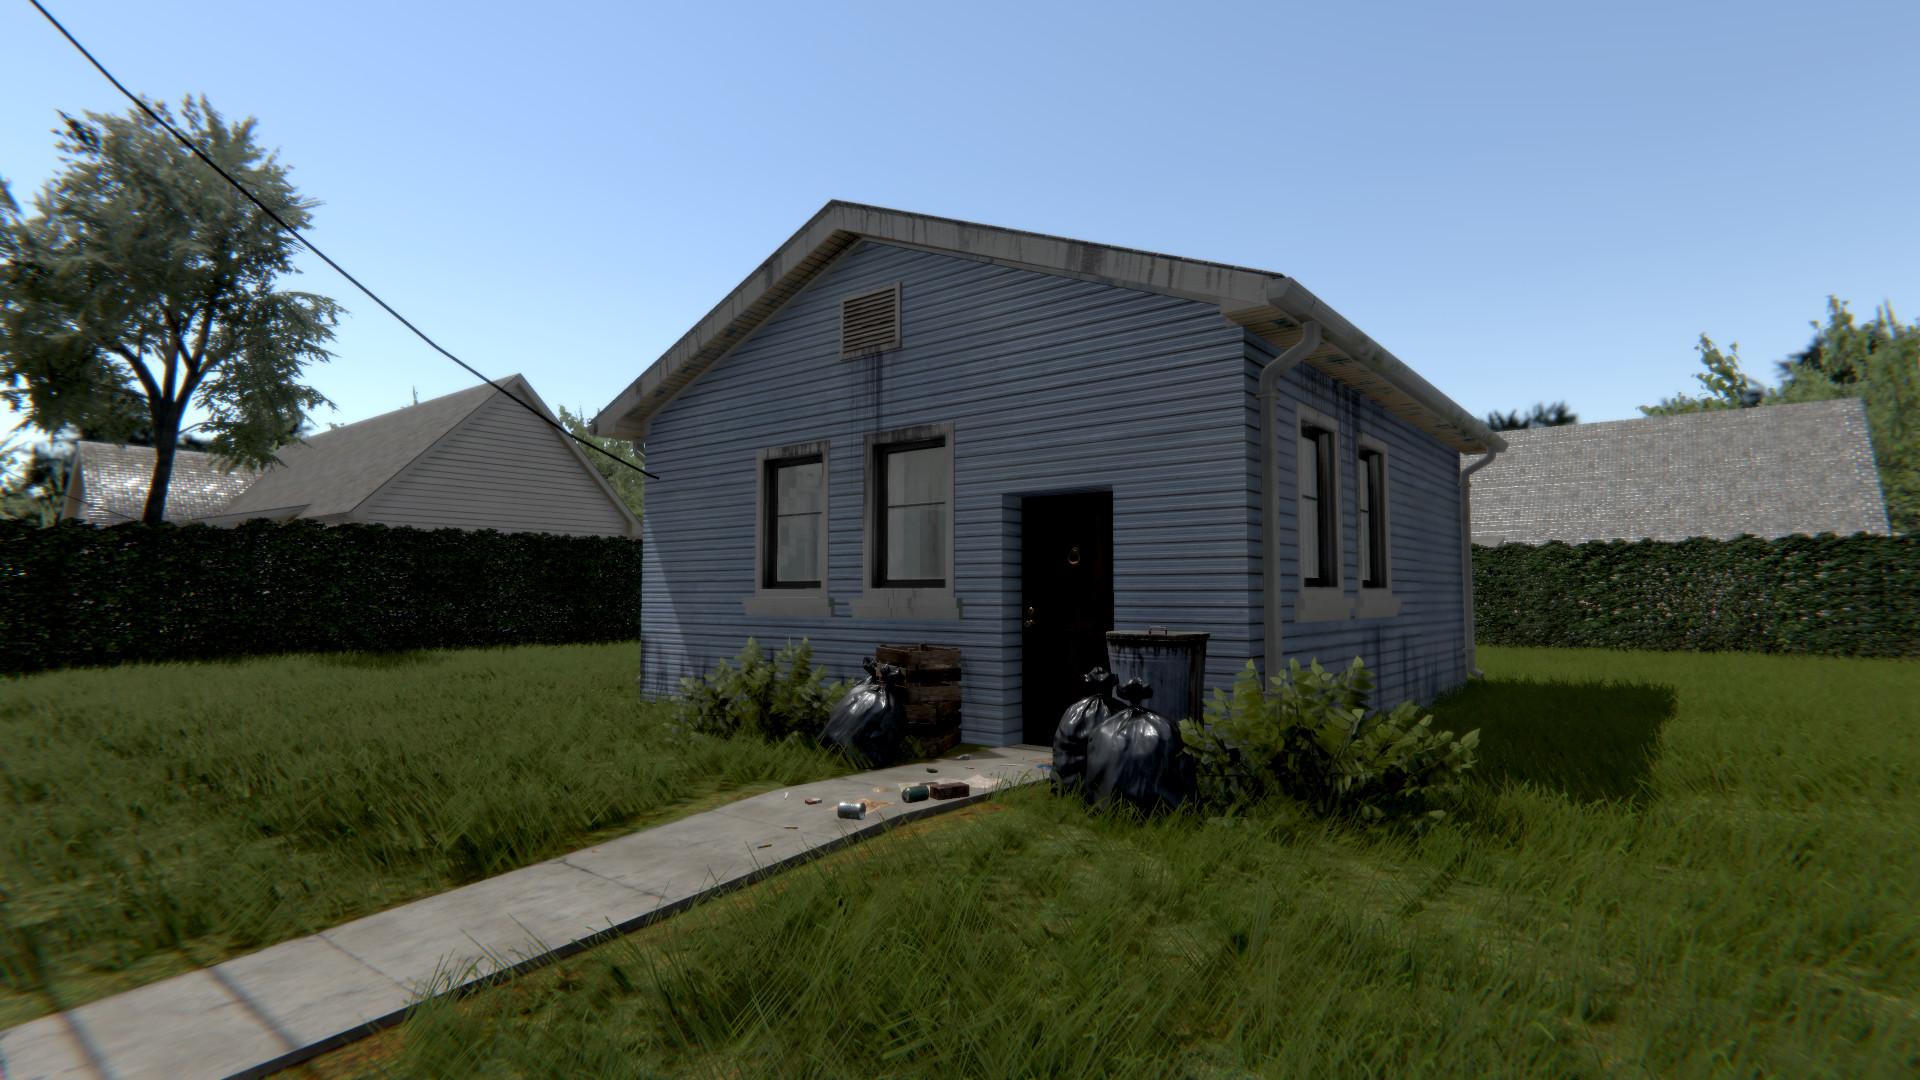 让人上瘾的模拟游戏 《房产达人》游戏特性一览